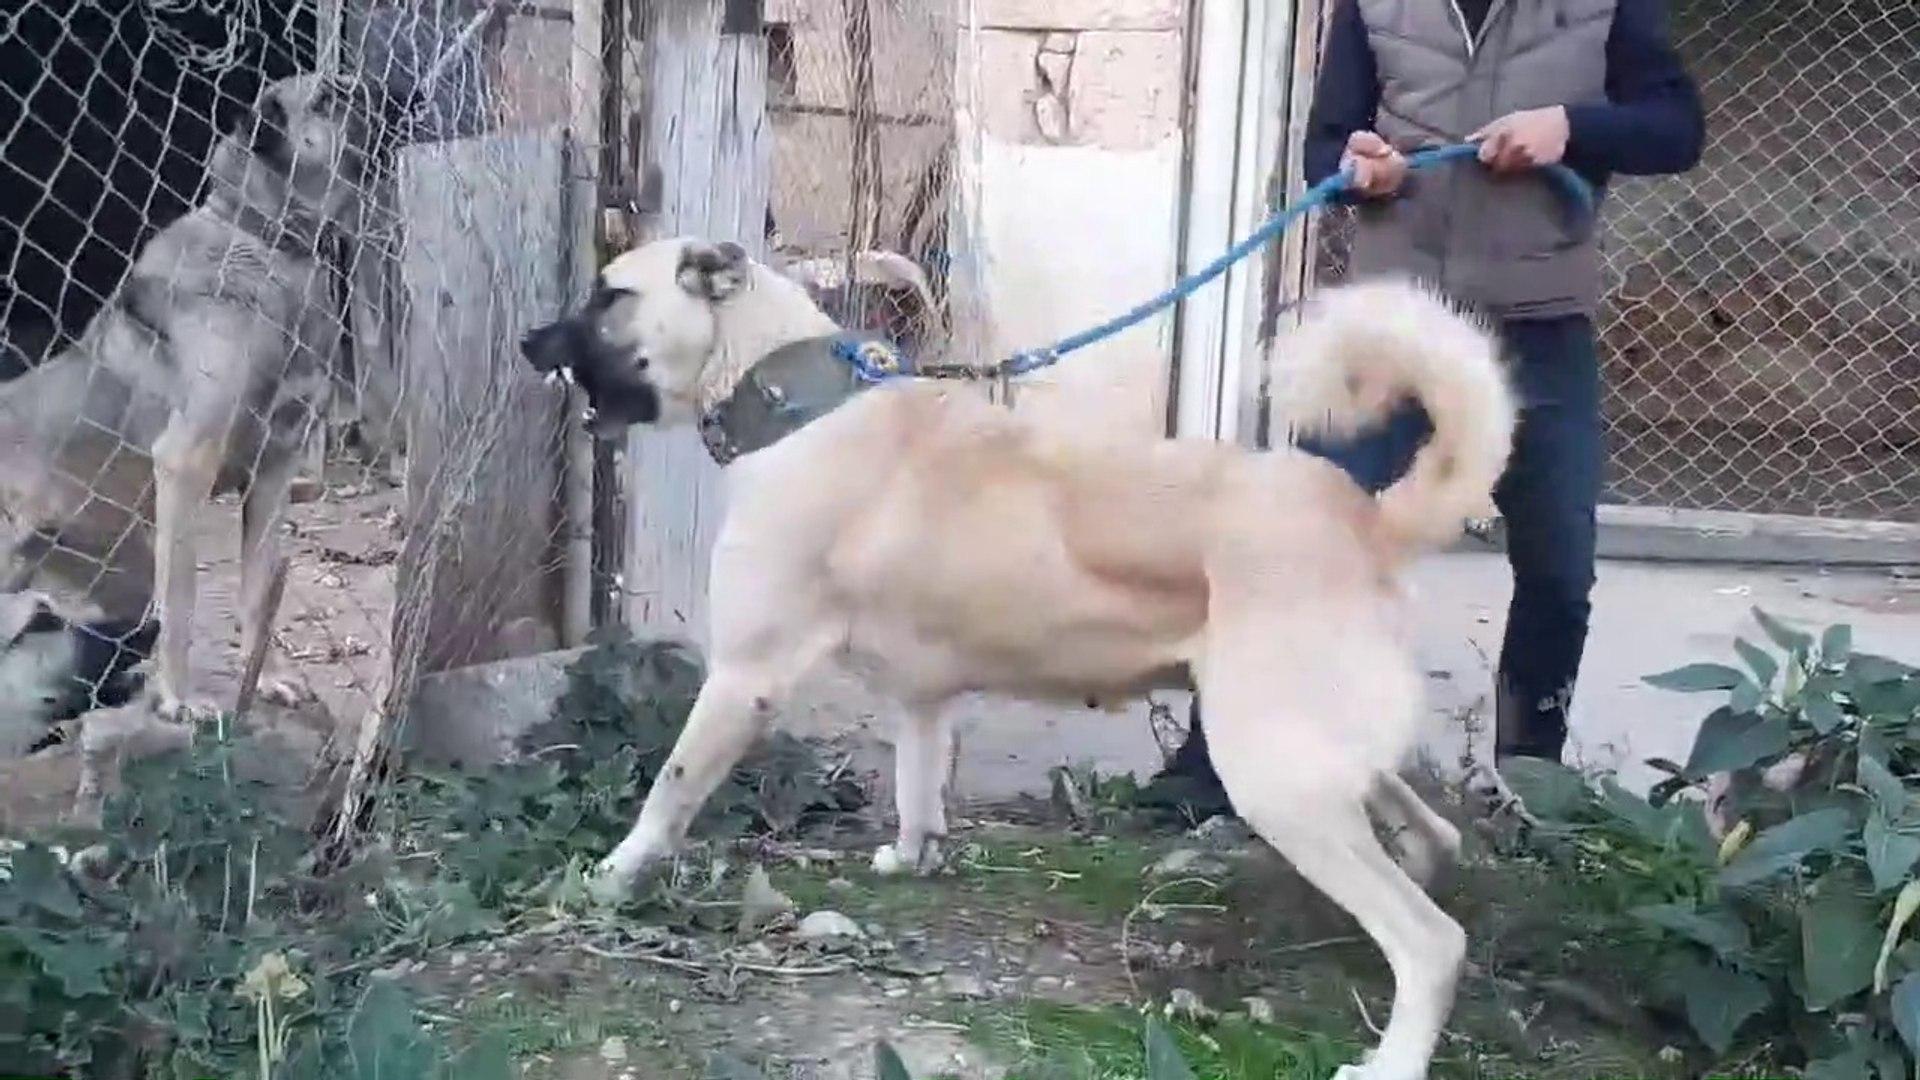 DiSi KANGAL KOPEGi ATISMA YAPARSA - FAMELA KANGAL SHEPHERD DOG VS